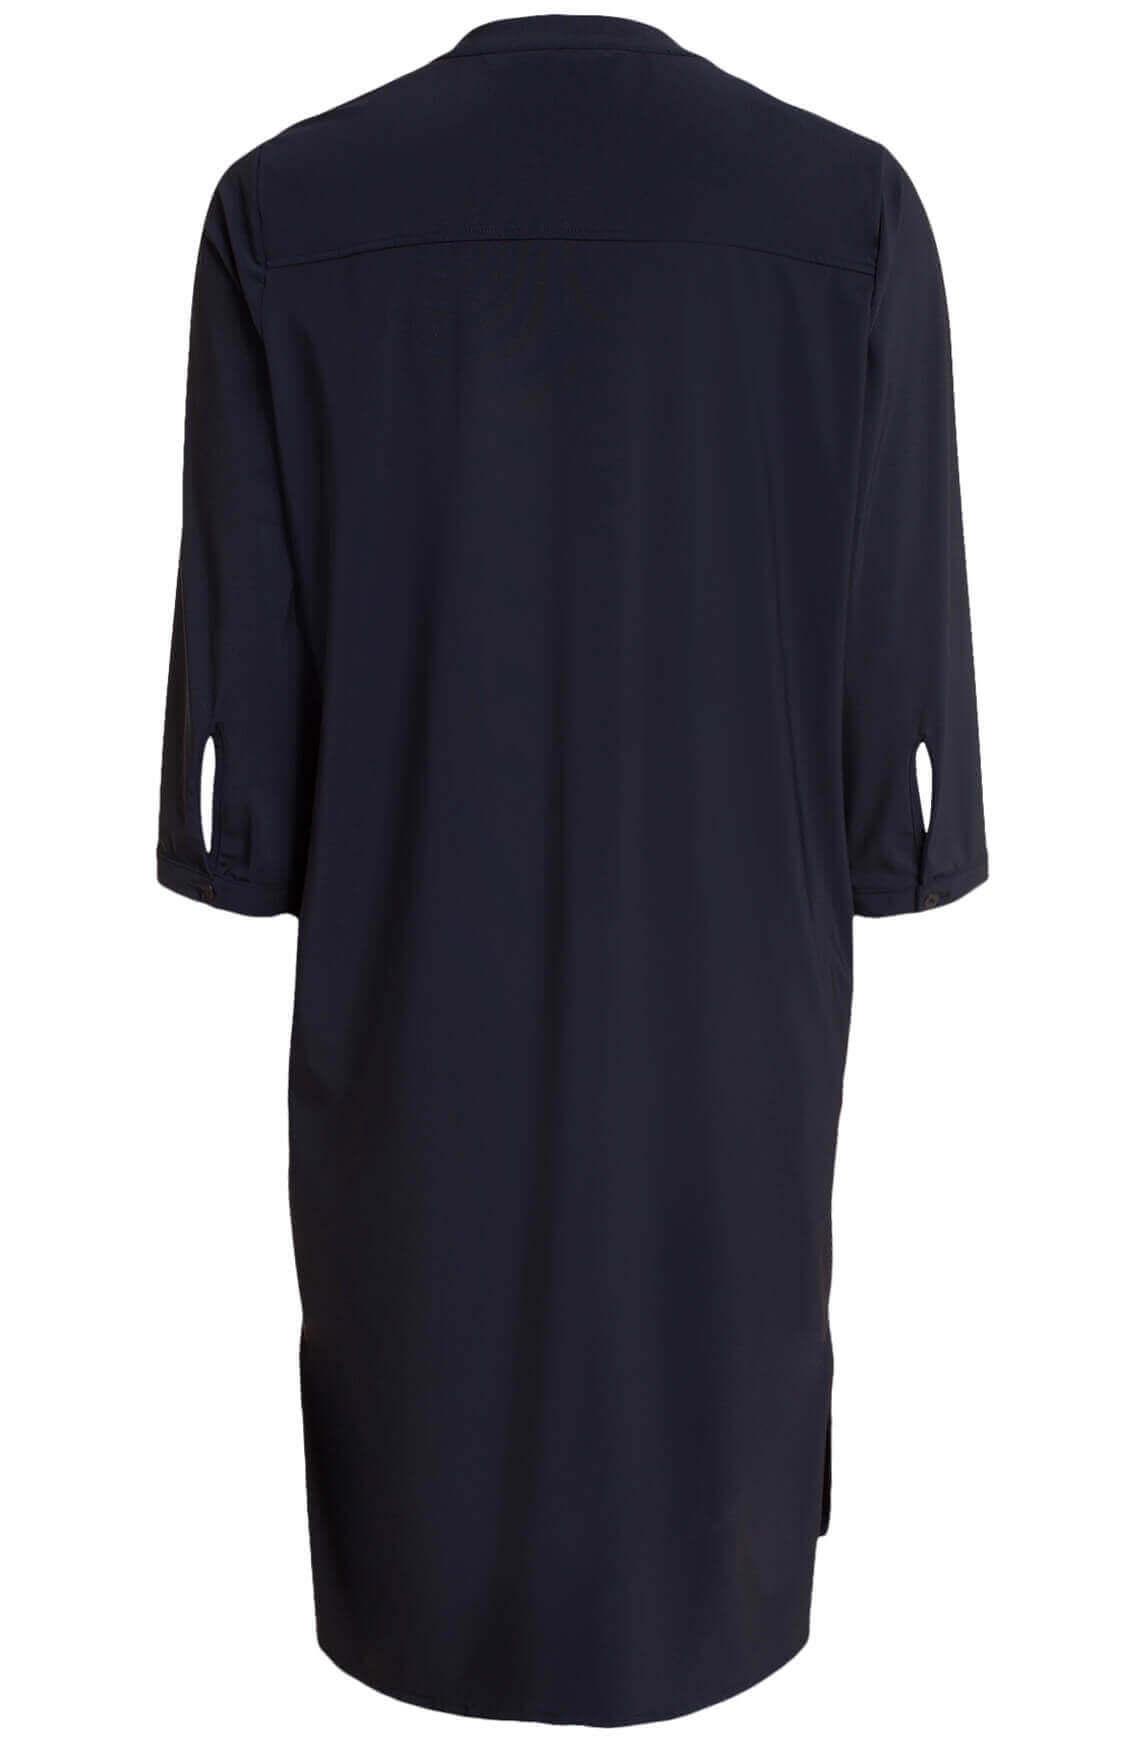 Moscow Dames Loesia jurk zwart